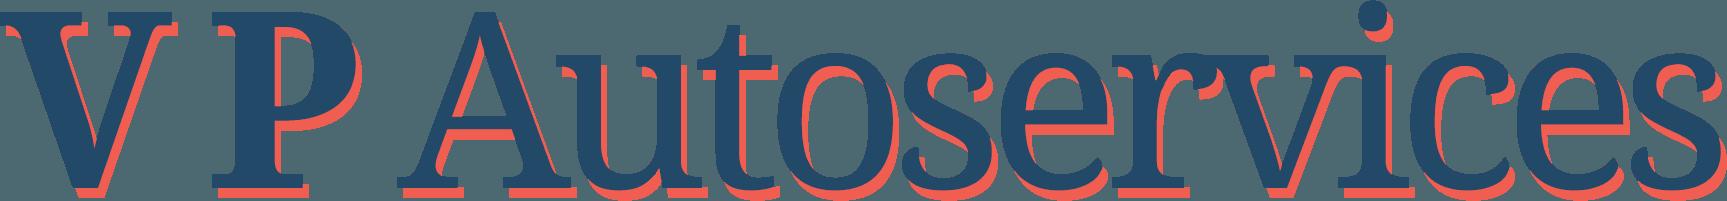 VP Autoservices logo